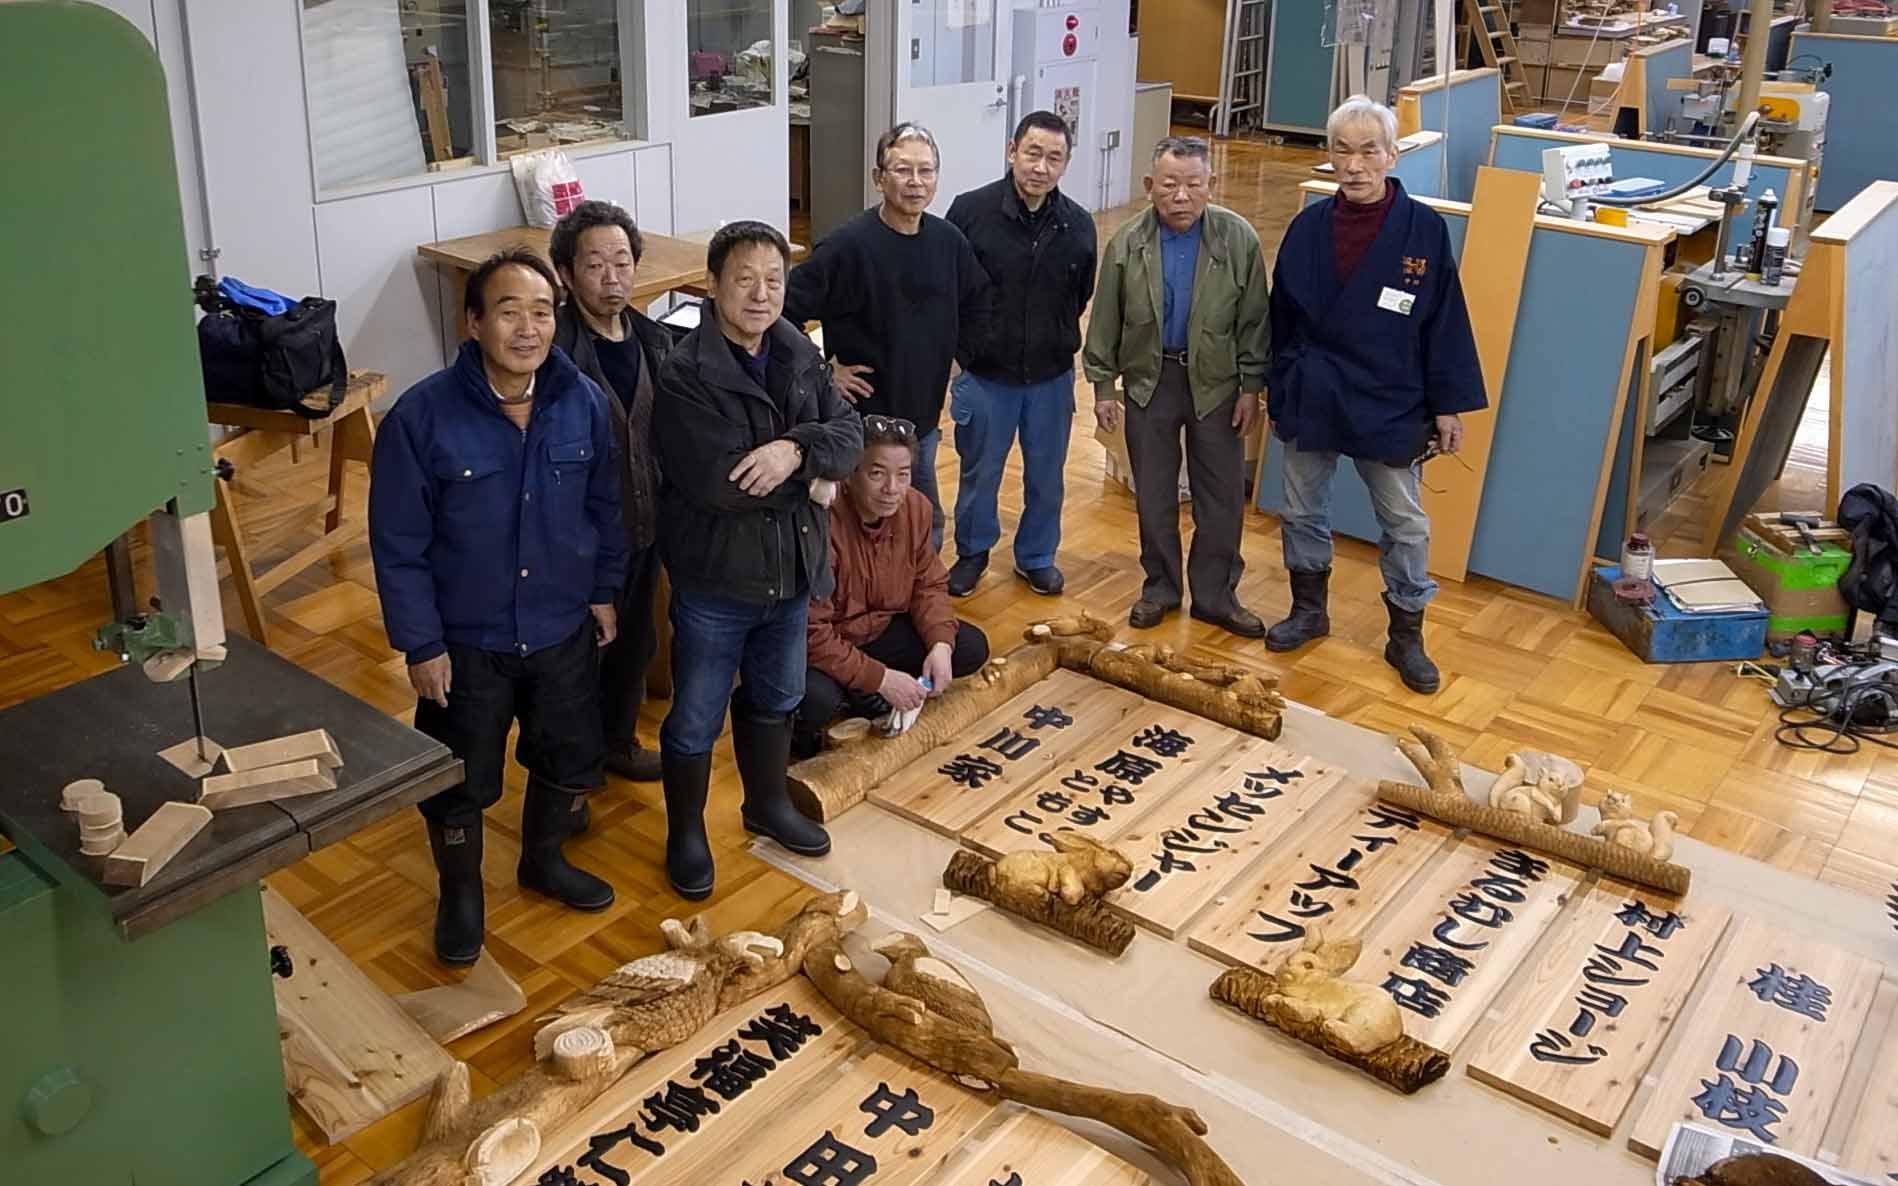 旭川木彫・工芸品協会の皆さんと大阪・なんばグランド花月の芸人看板